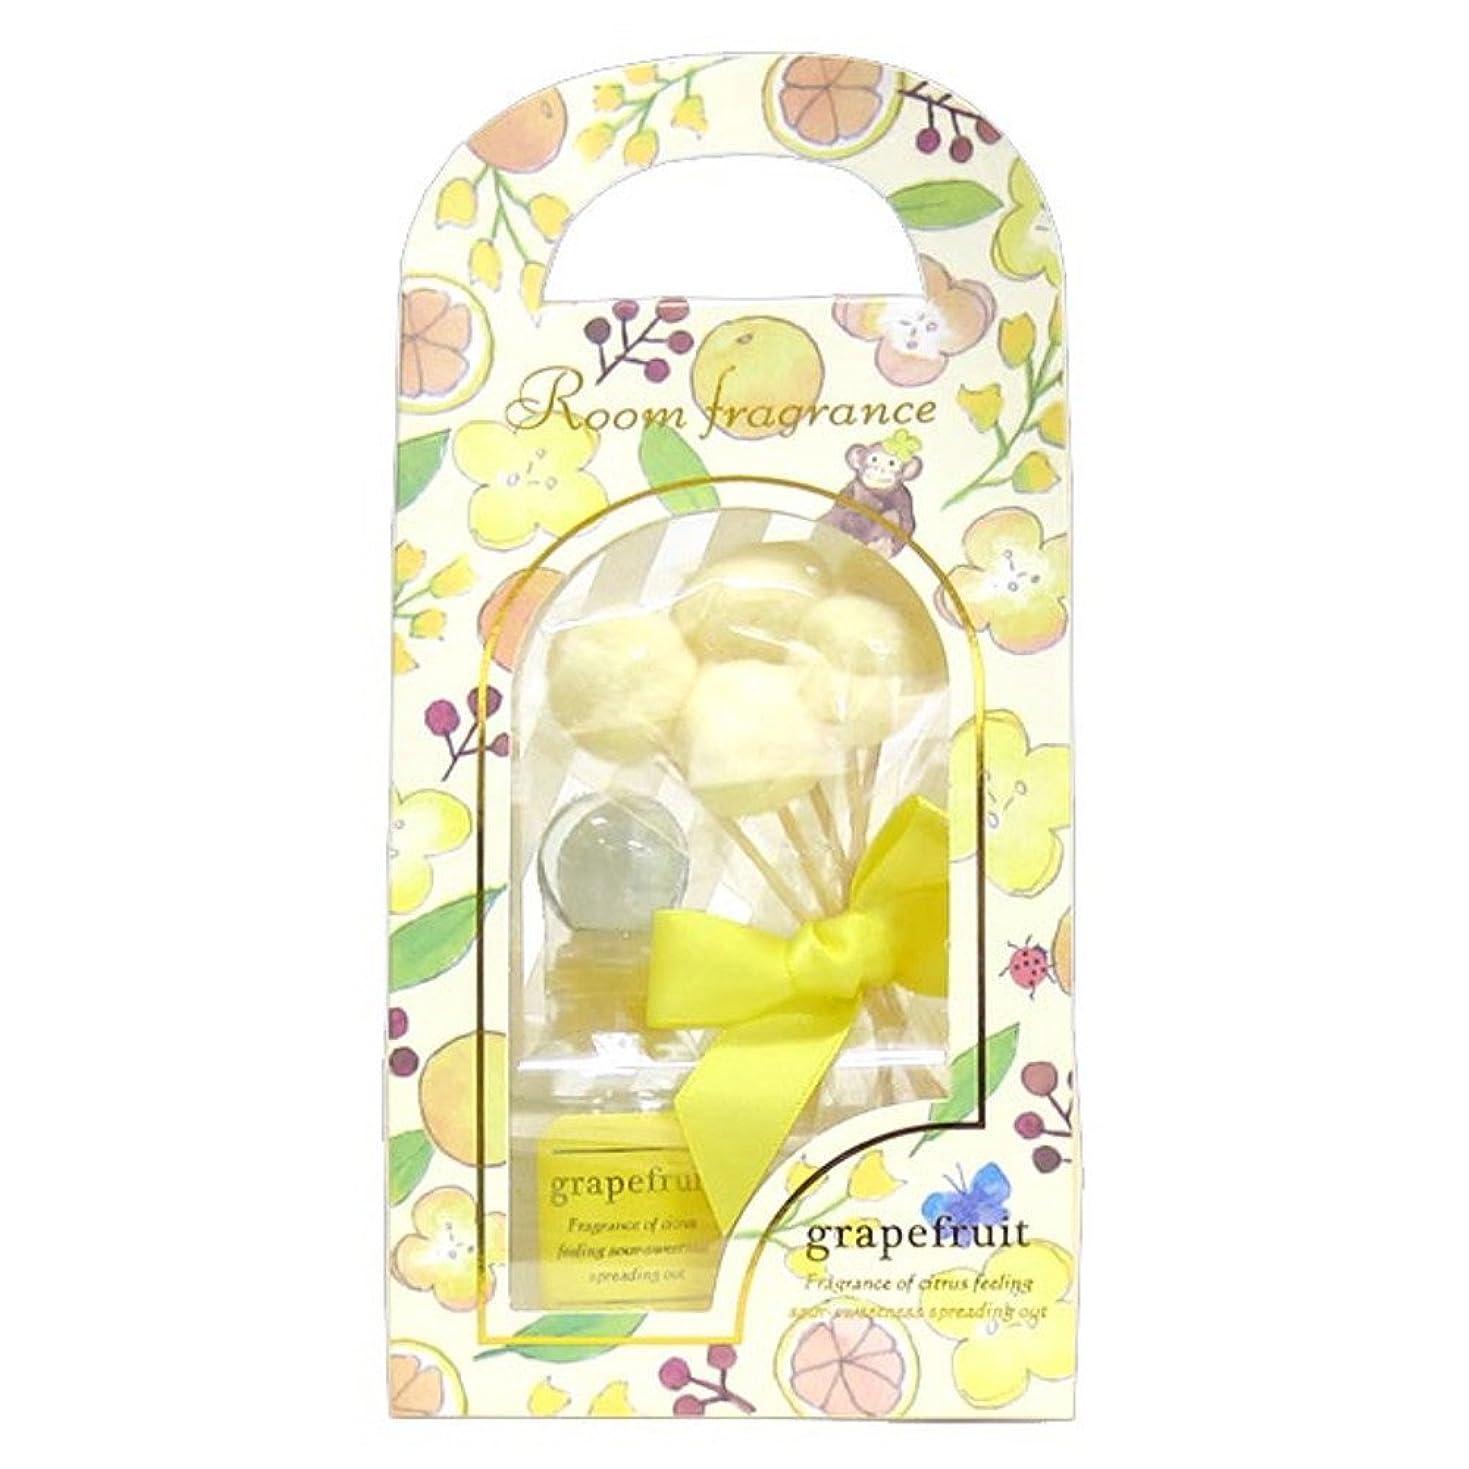 持続的過ち宿るサンハーブ ルームフレグランス グレープフルーツ 30mL (リードディフューザー 室内芳香 2-4週間 ロングセラー)